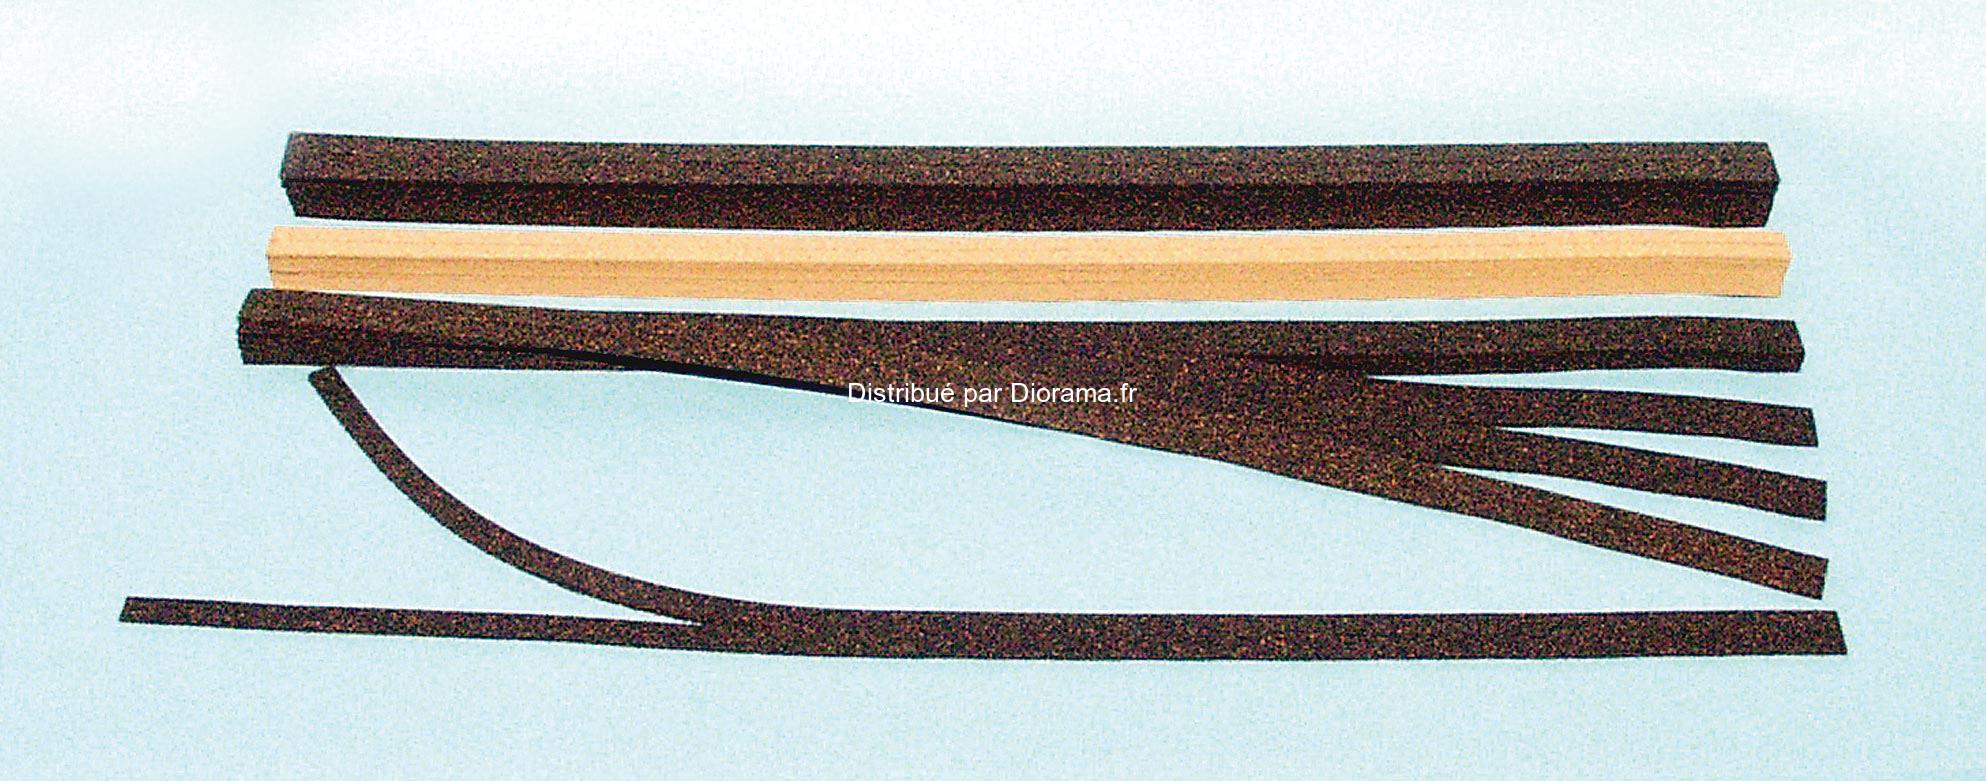 Heki 3163 - 10 Bandes de liège de 1 mètre pour ballast 1:120 - TT